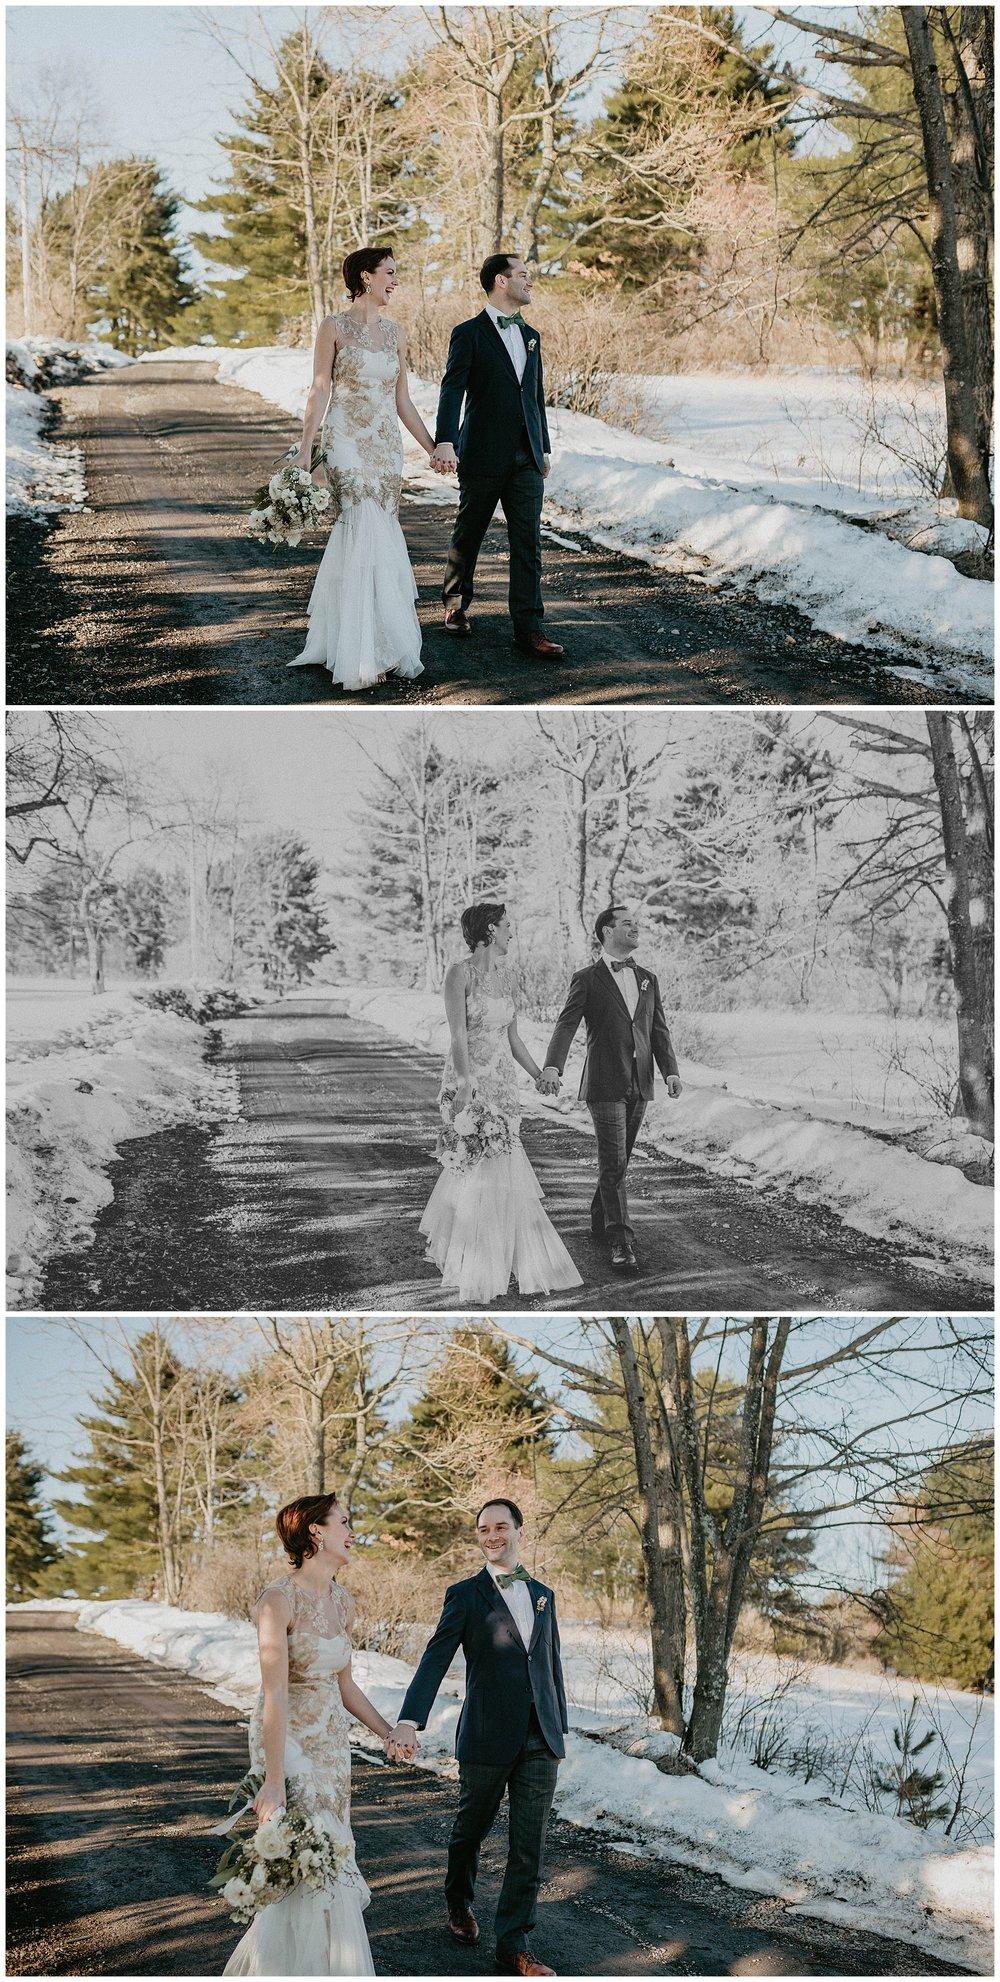 Pocono Winter Wedding with Bride and Groom_0194.jpg